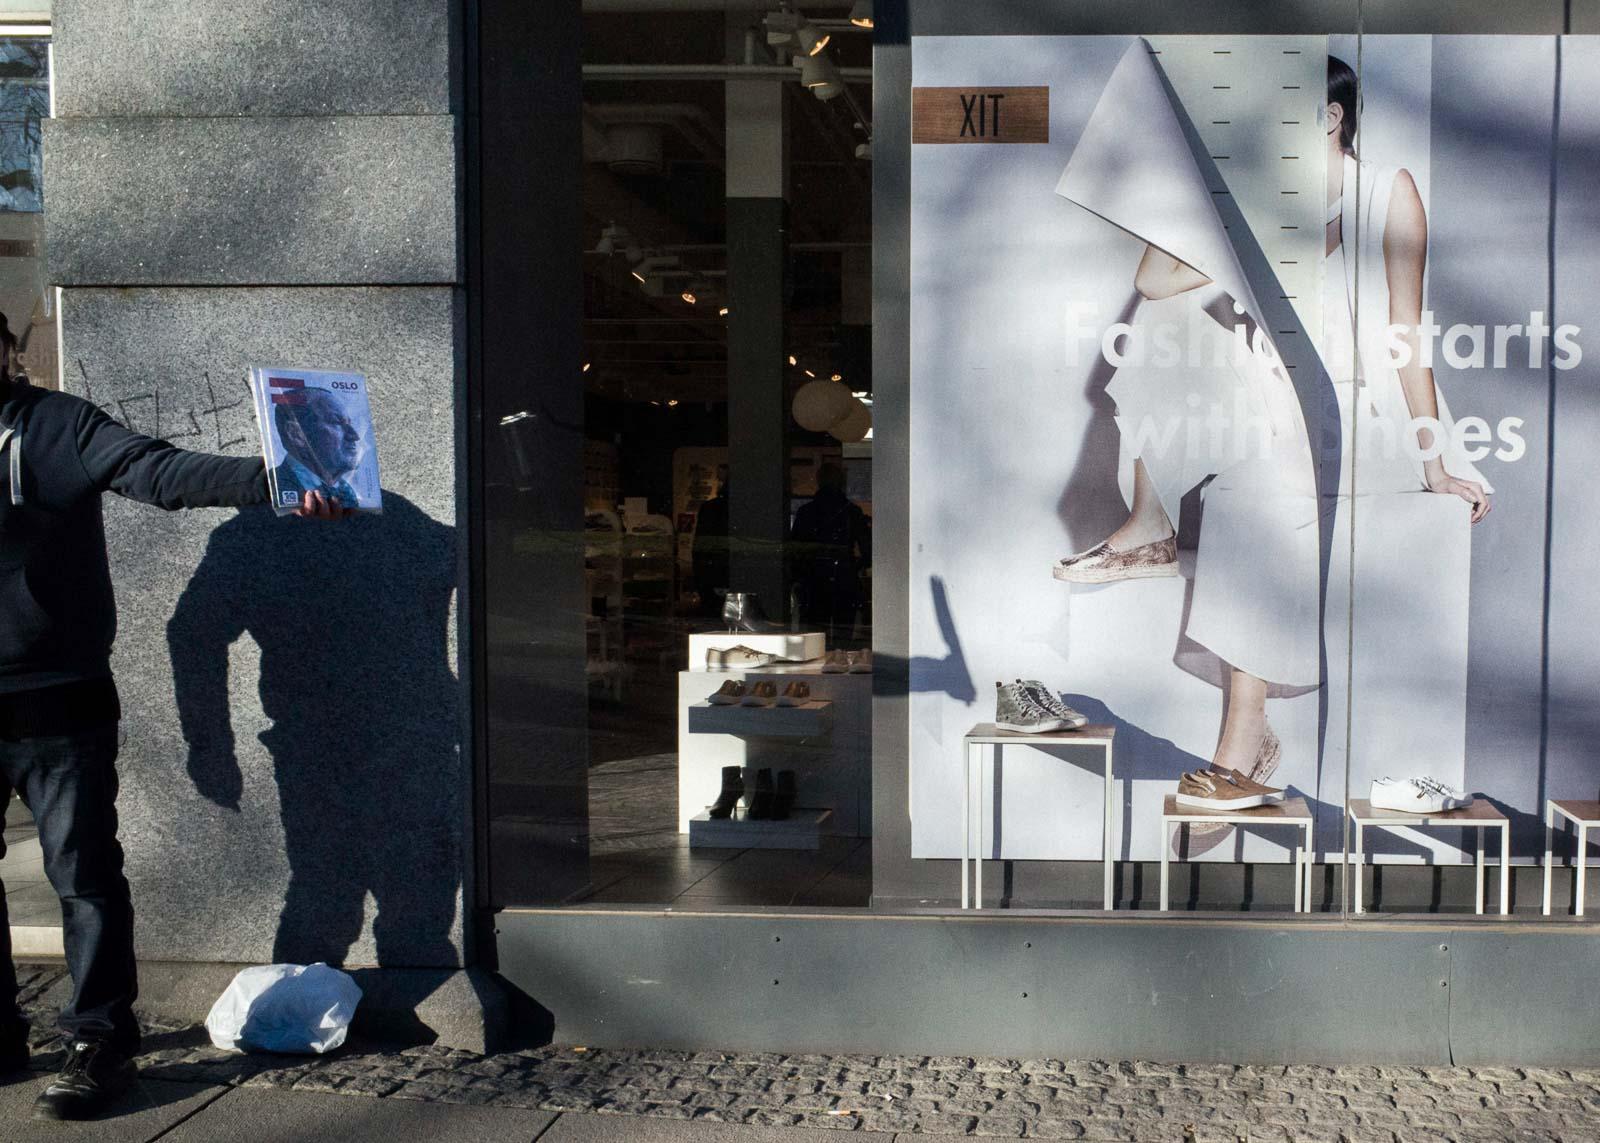 Фотограф Пау Бускату живет, Фотограф, образы, Барселону, Лондон, включая, всему, снимает, моментам, предсказательным, чутье, талант, острый, раскрывают, фотографии, откровенные, Бускату, уличной, сосредоточился, вообще